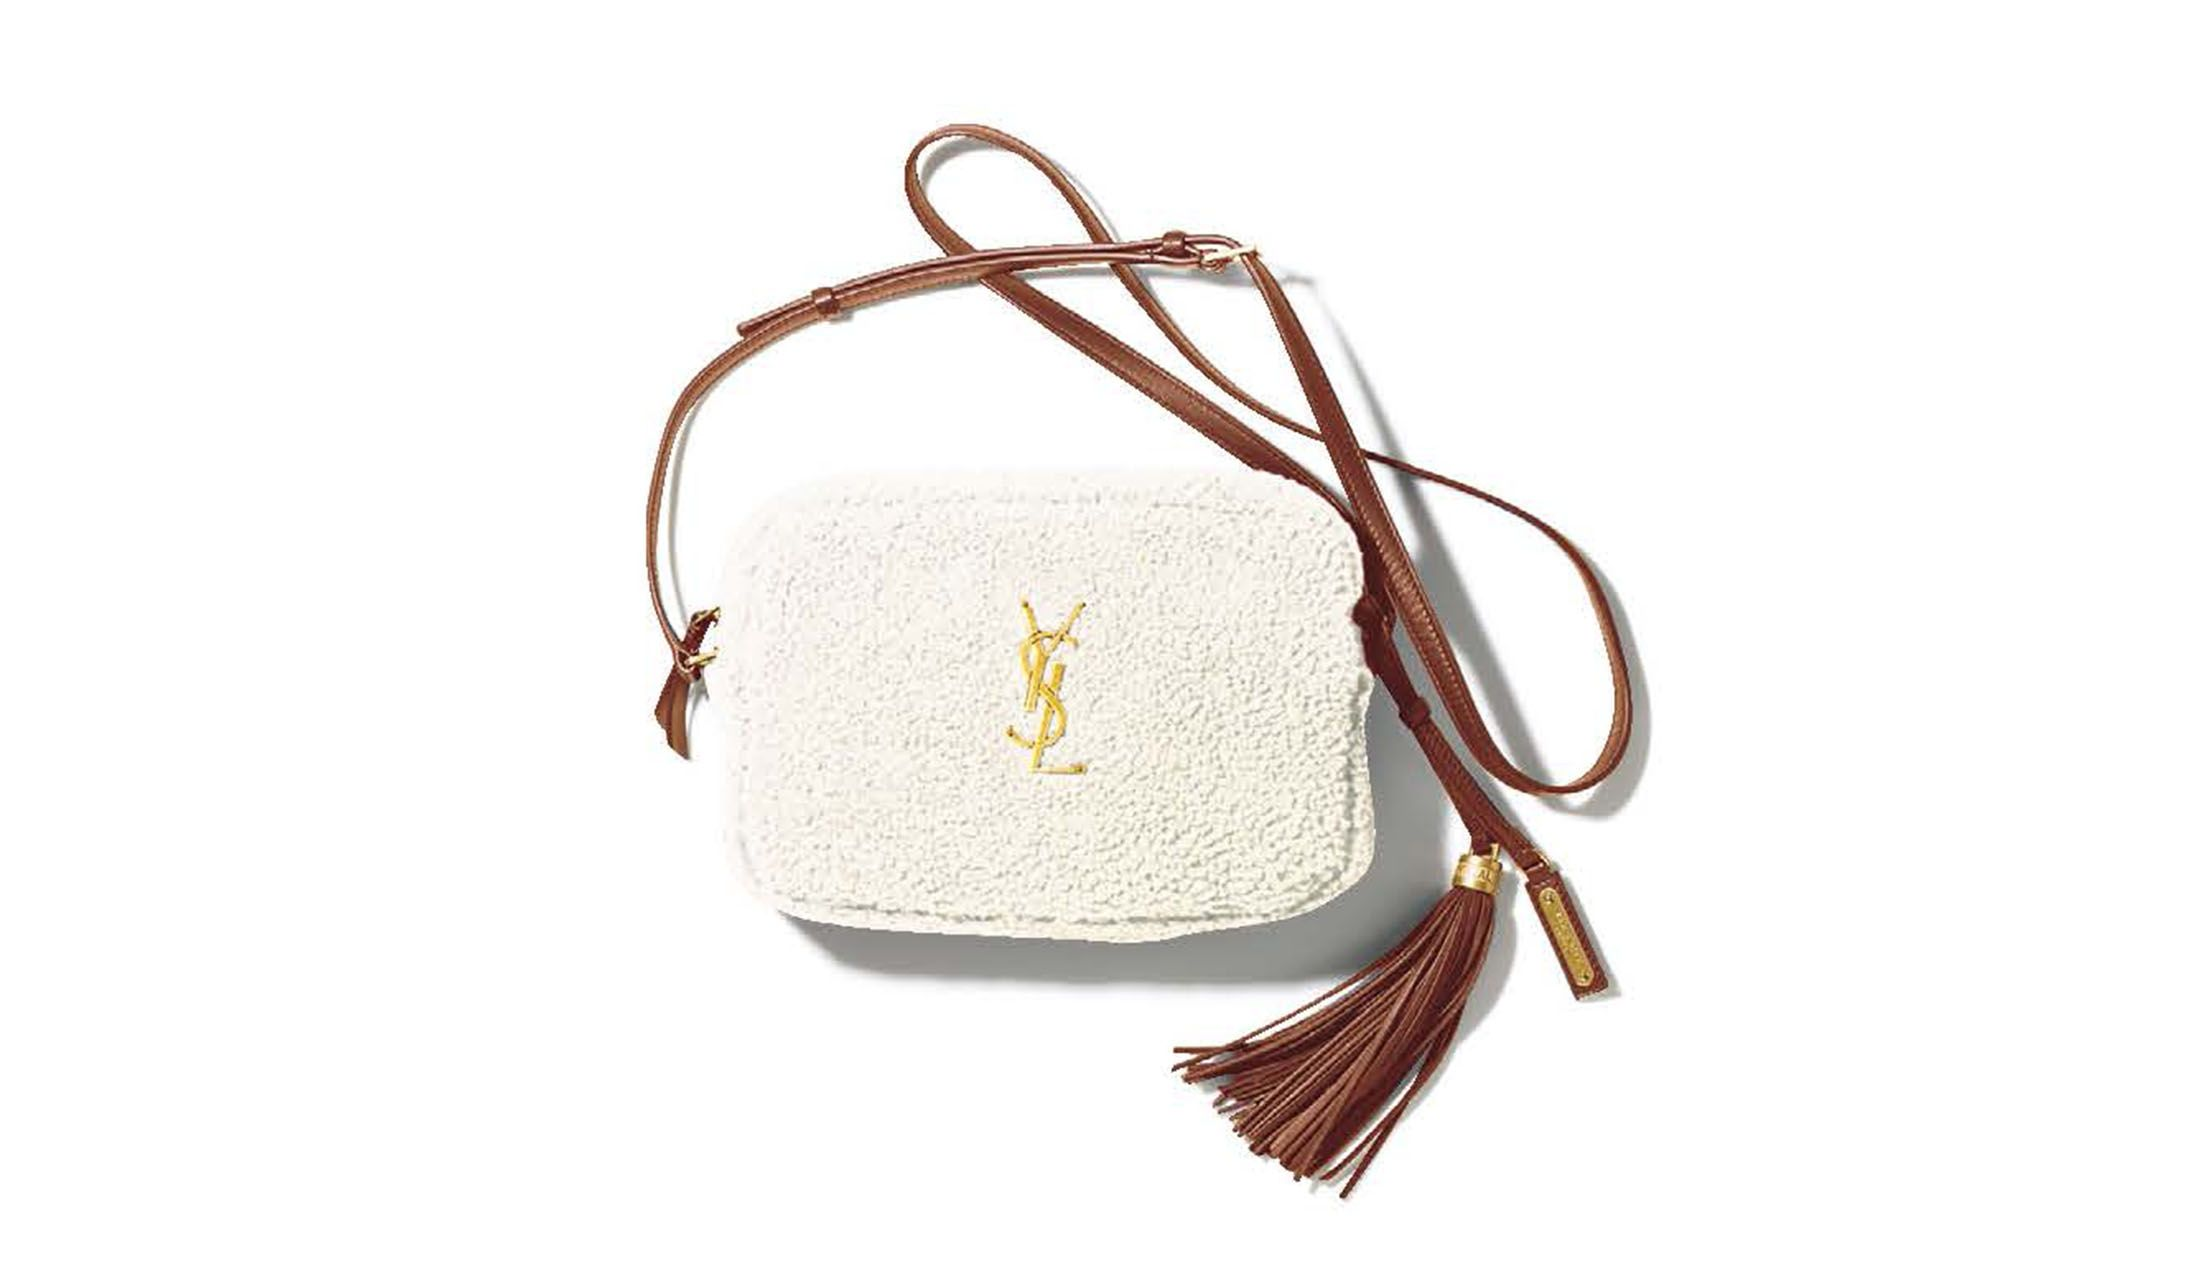 サンローラン バイ アンソニー・ヴァカレロのメリノウールバッグ「モノグラム・サンローラン ルー・サッチェル」